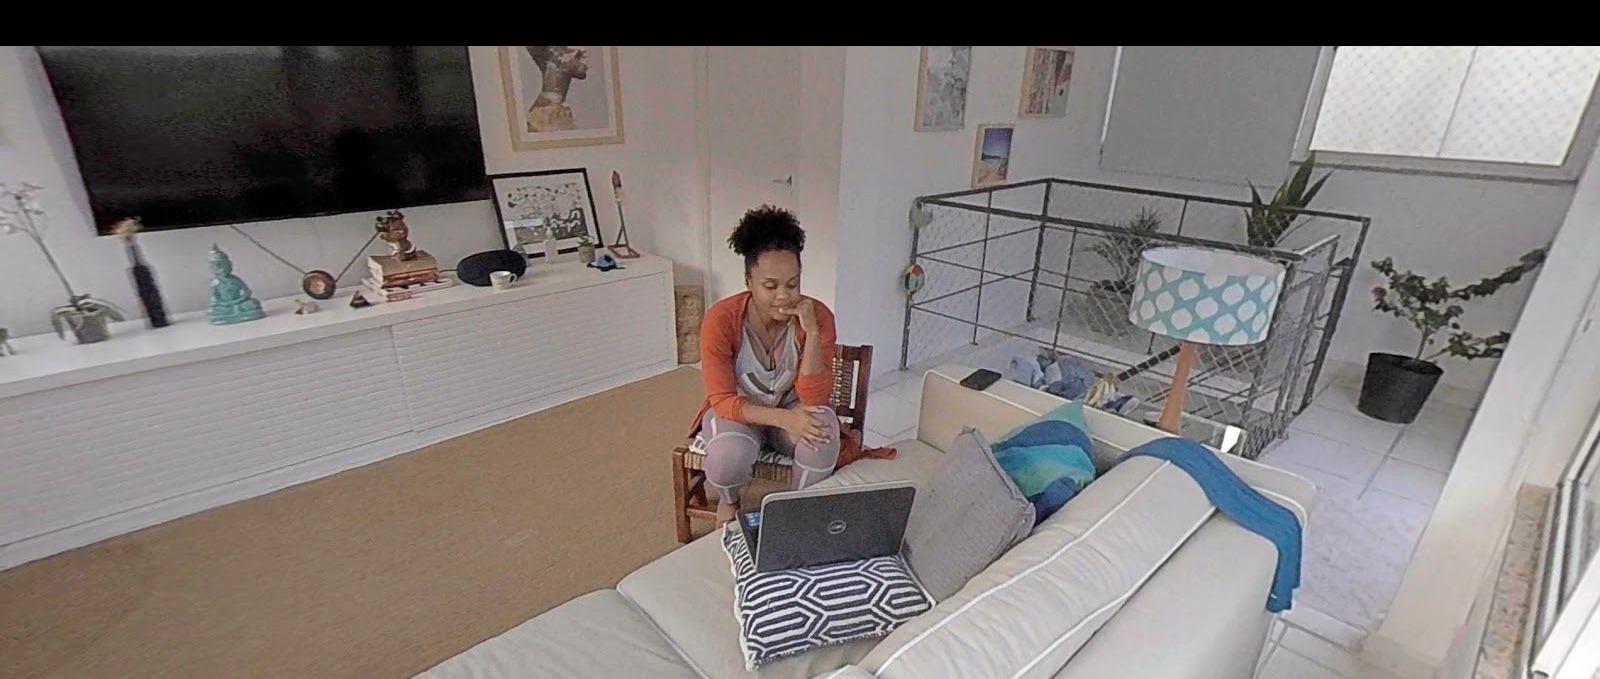 Filme em realidade virtual aborda sentimentos durante a quarentena - TELA VIVA News